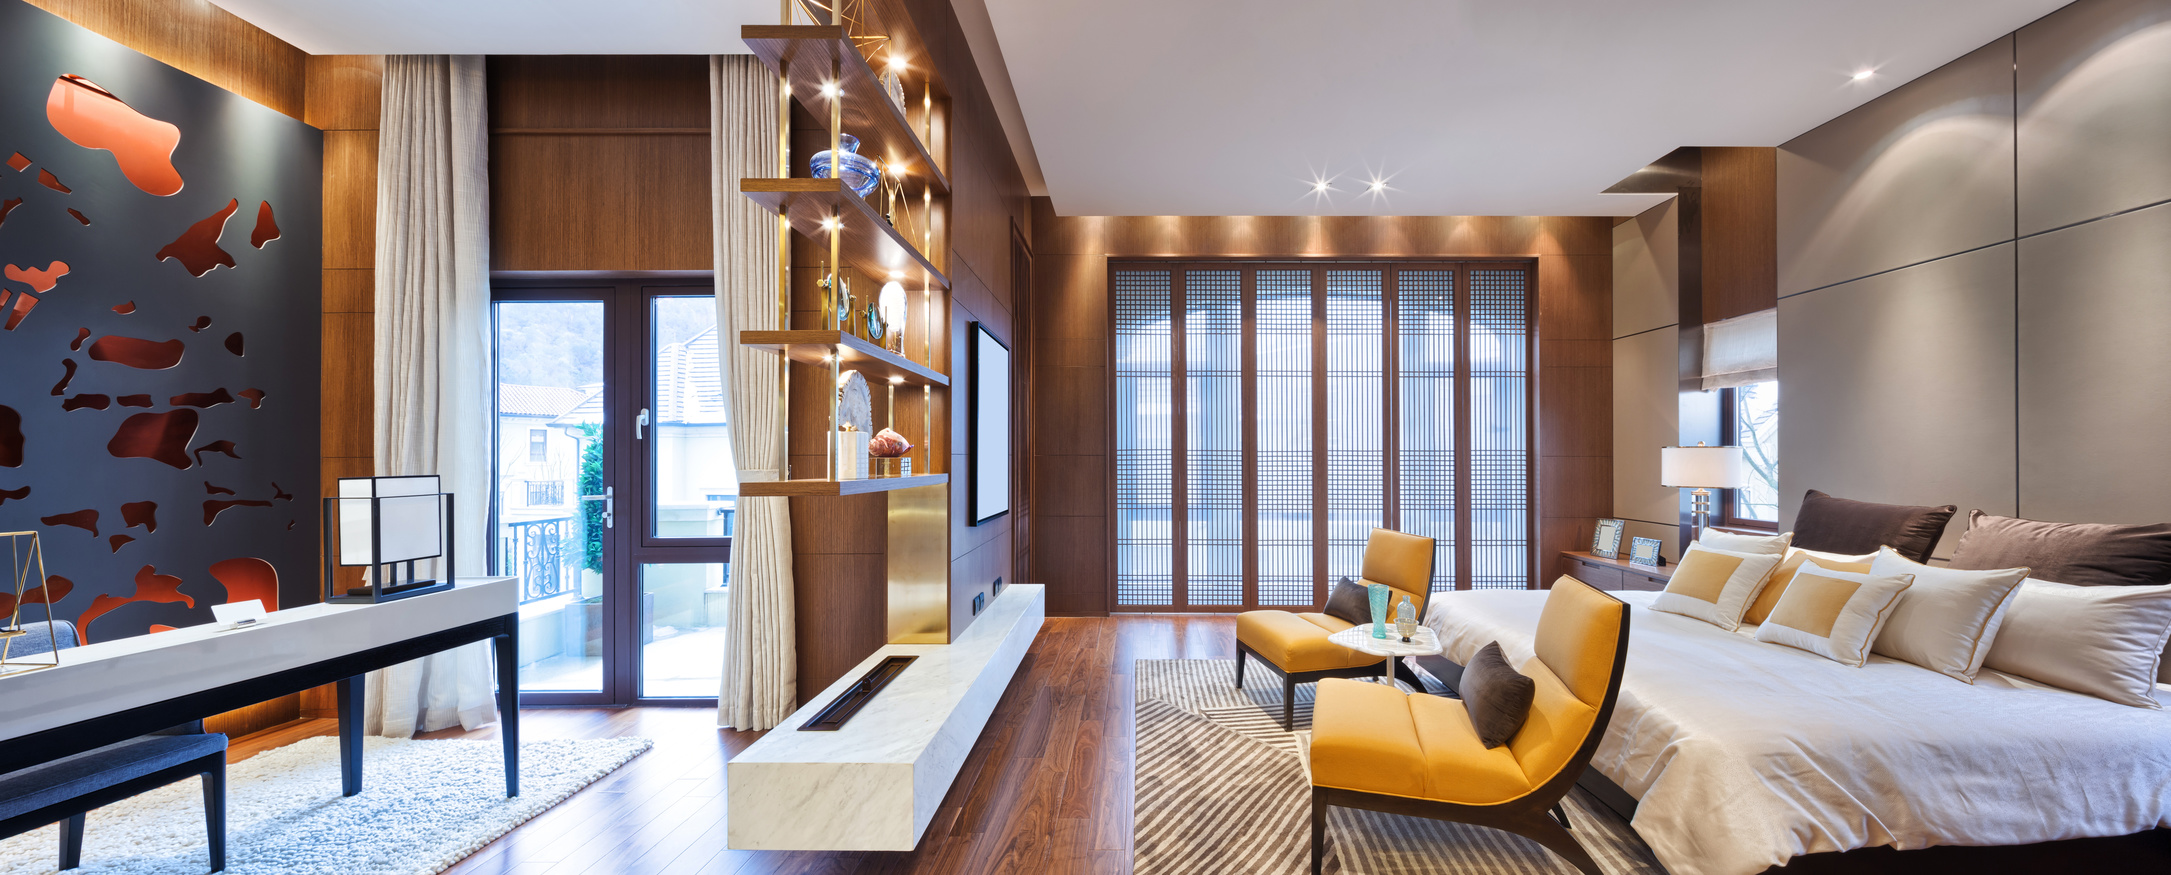 Stil Ihr  Hause , mit Modernität und Eleganz Mit den klassischen Haus-Dekors und Möbel